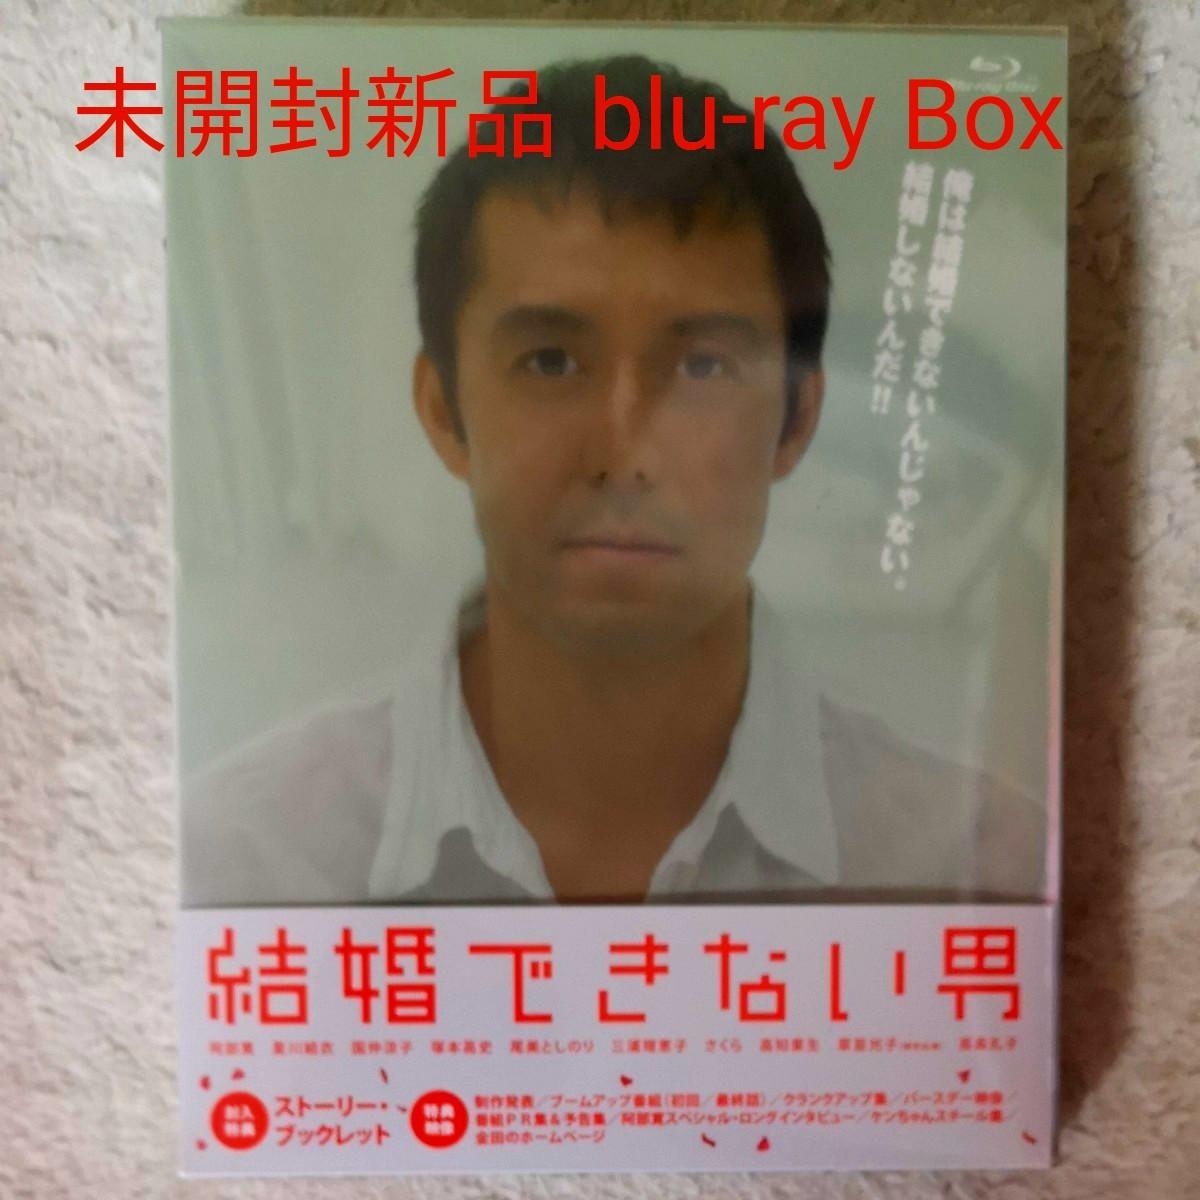 未開封新品 結婚できない男 Blu-ray Box 阿部寛 夏川結衣 ブルーレイ BD-BOX